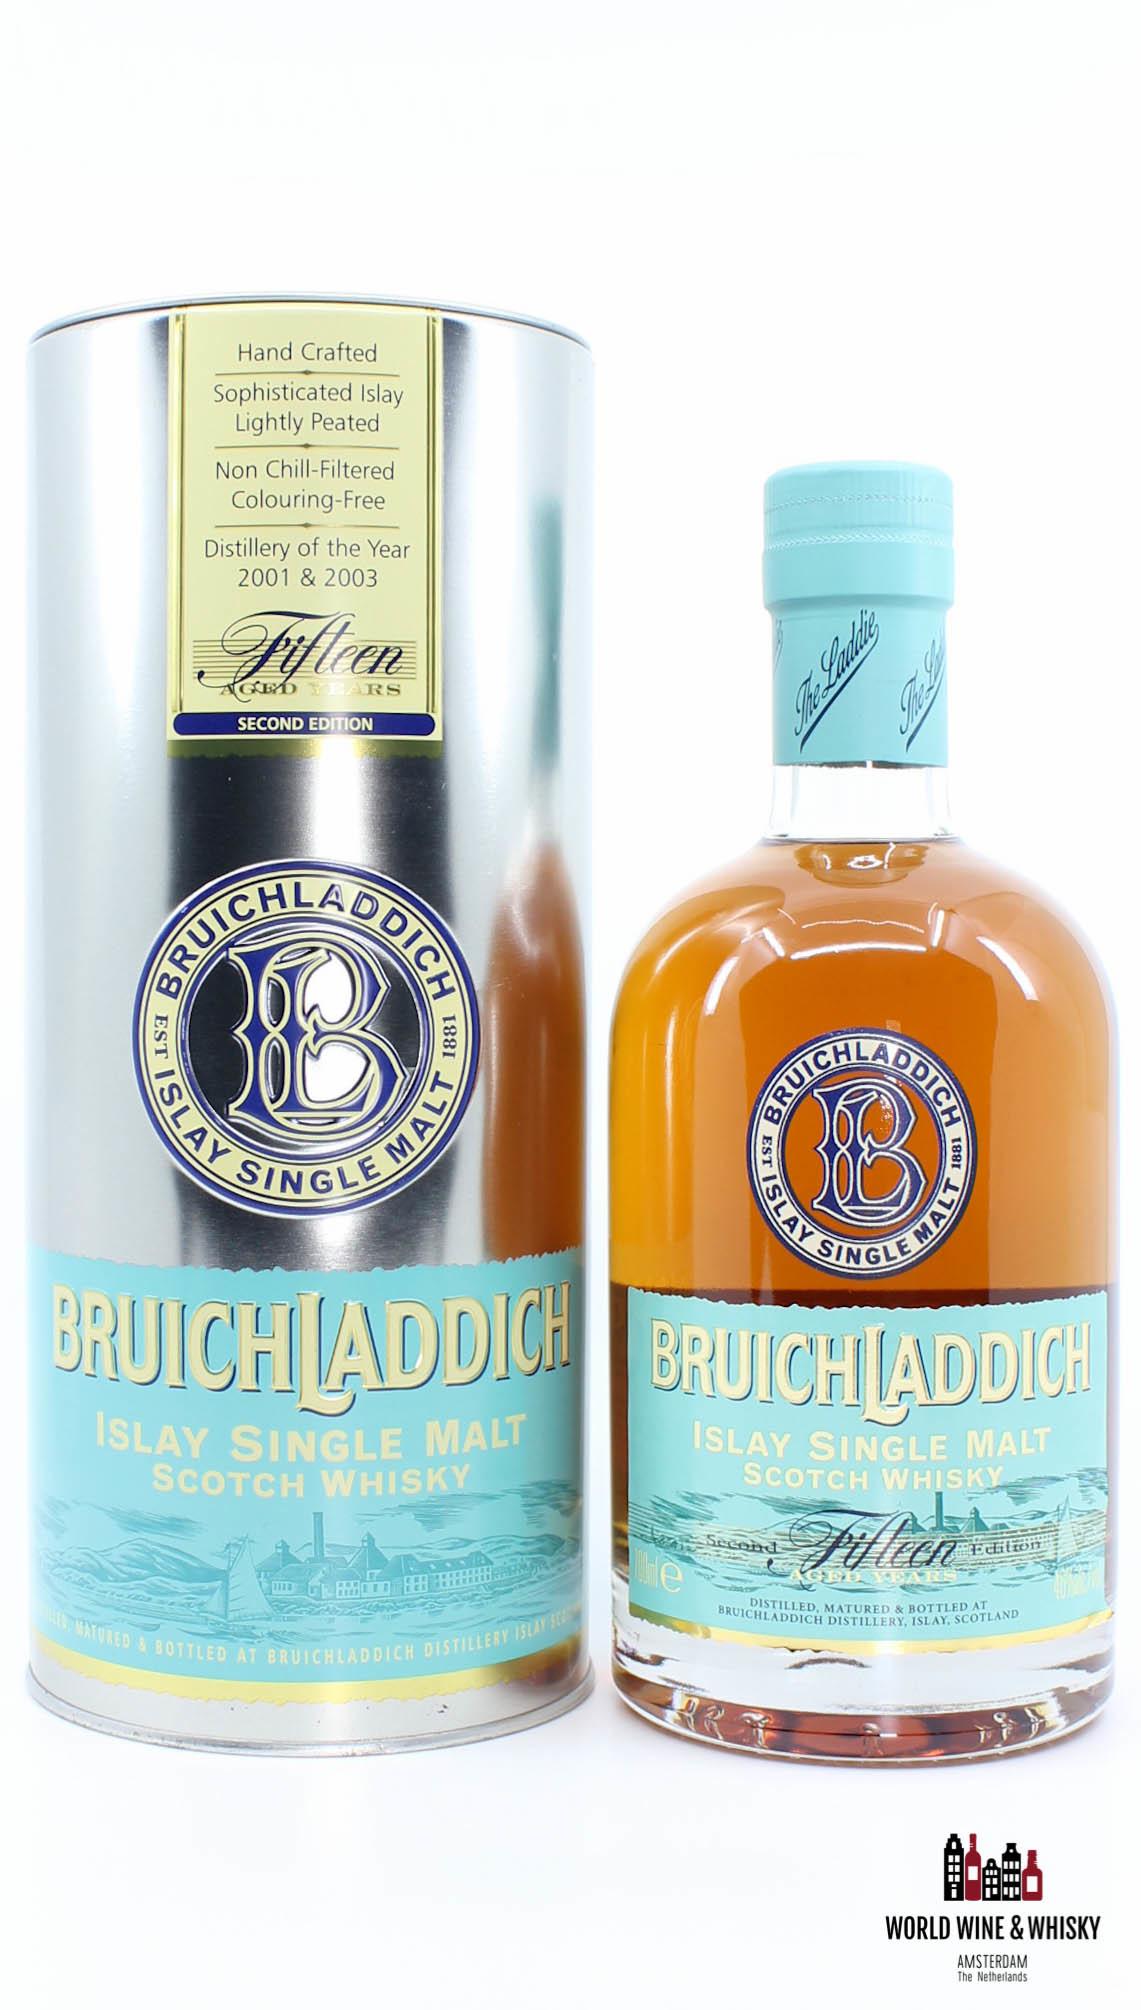 Bruichladdich Bruichladdich 15 Years Old 1993 2008 Second Edition 46% 700 ml